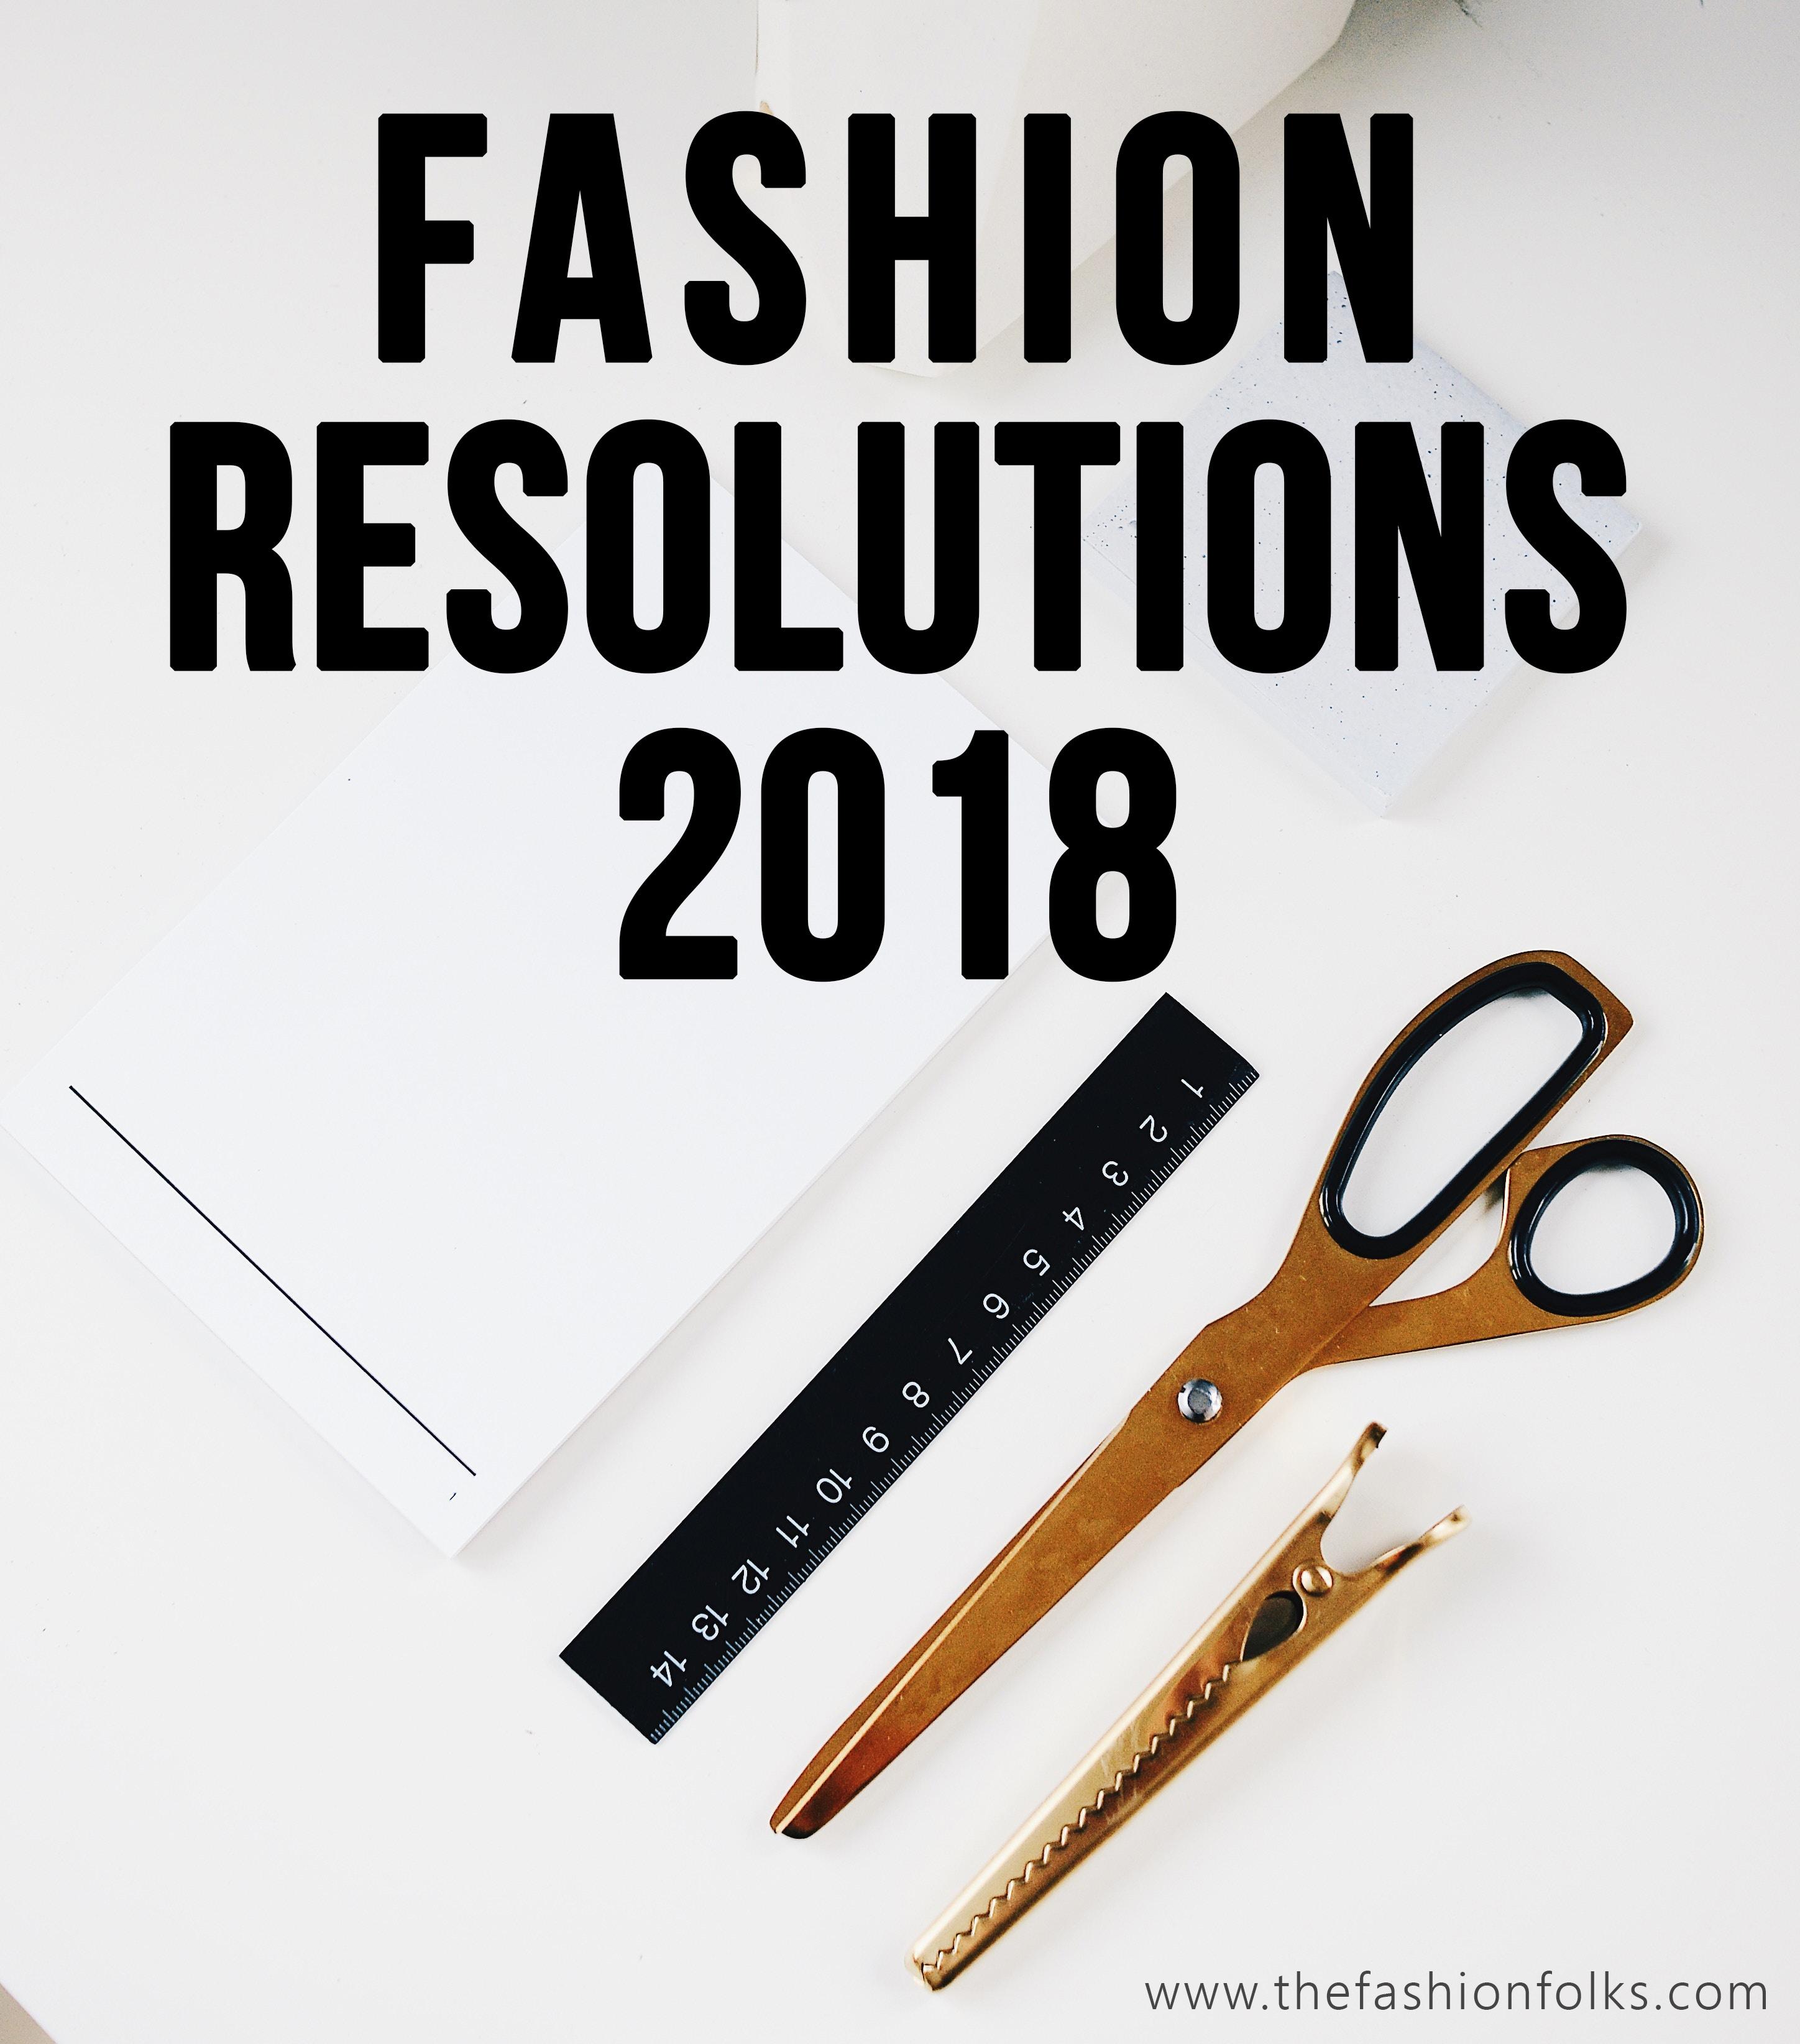 Fashion Resolutions 2018